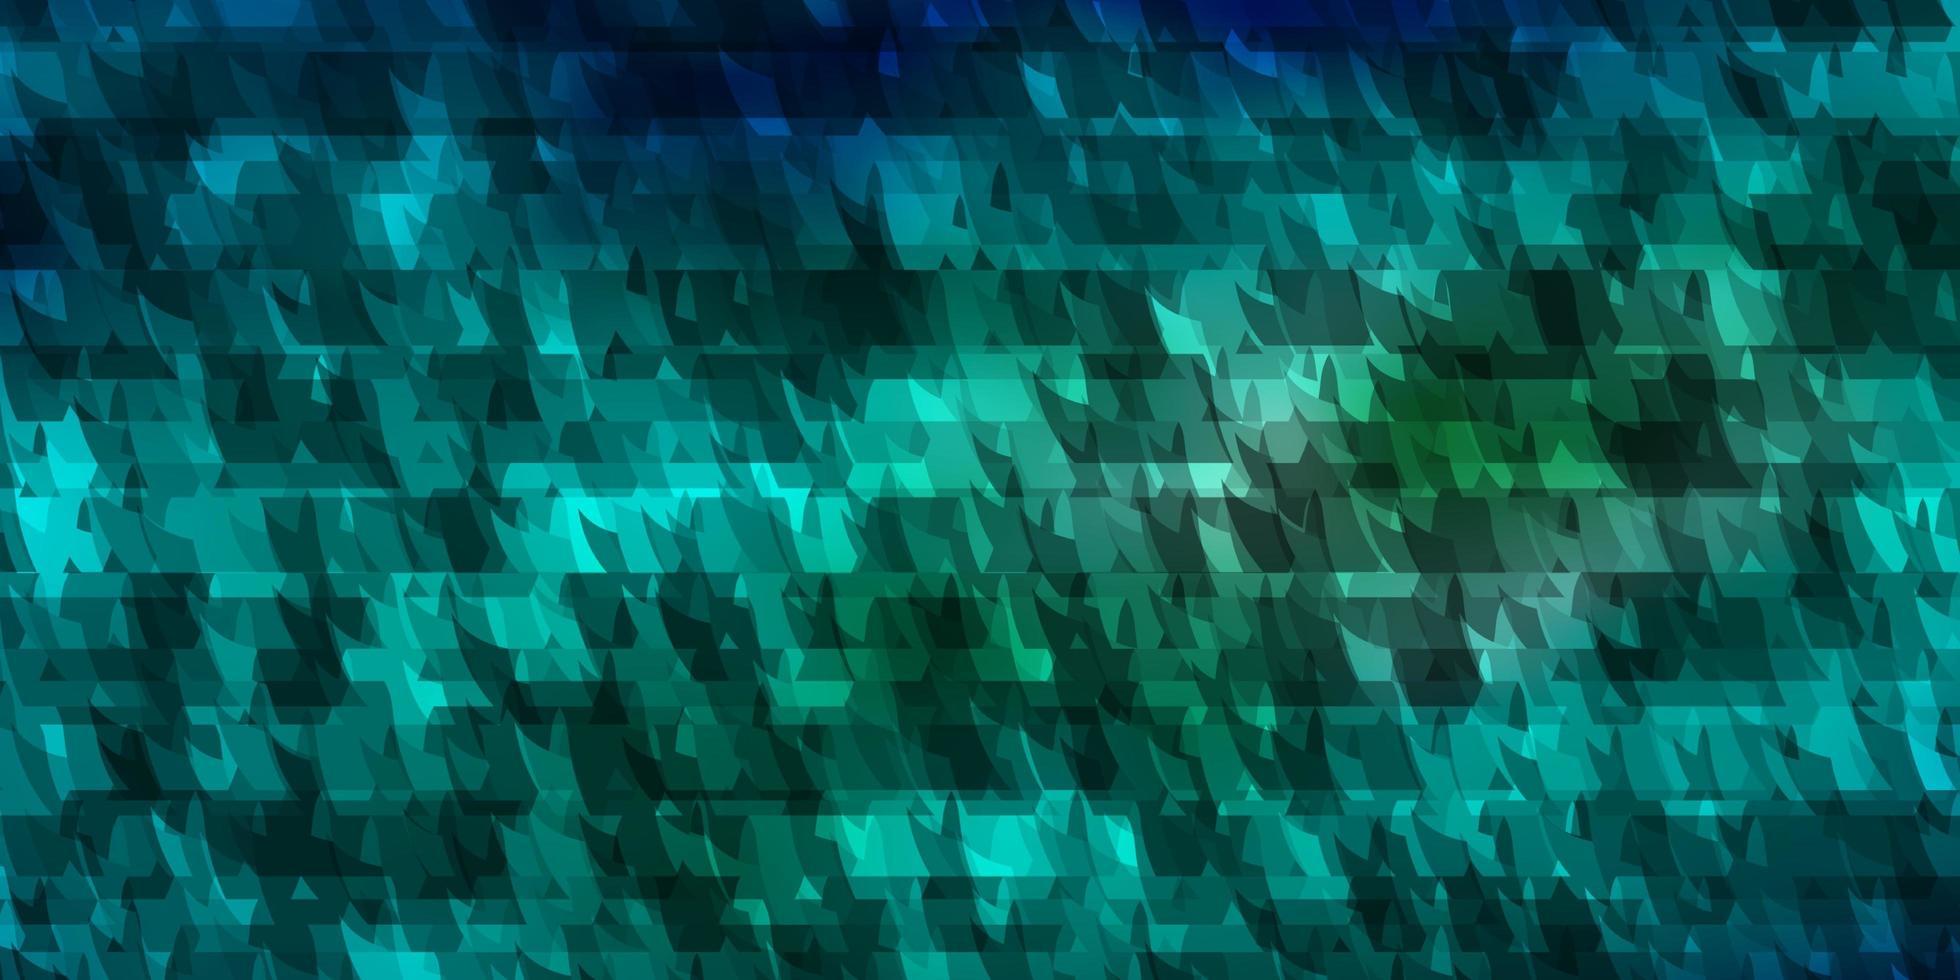 diseño de vector azul claro con líneas, triángulos.